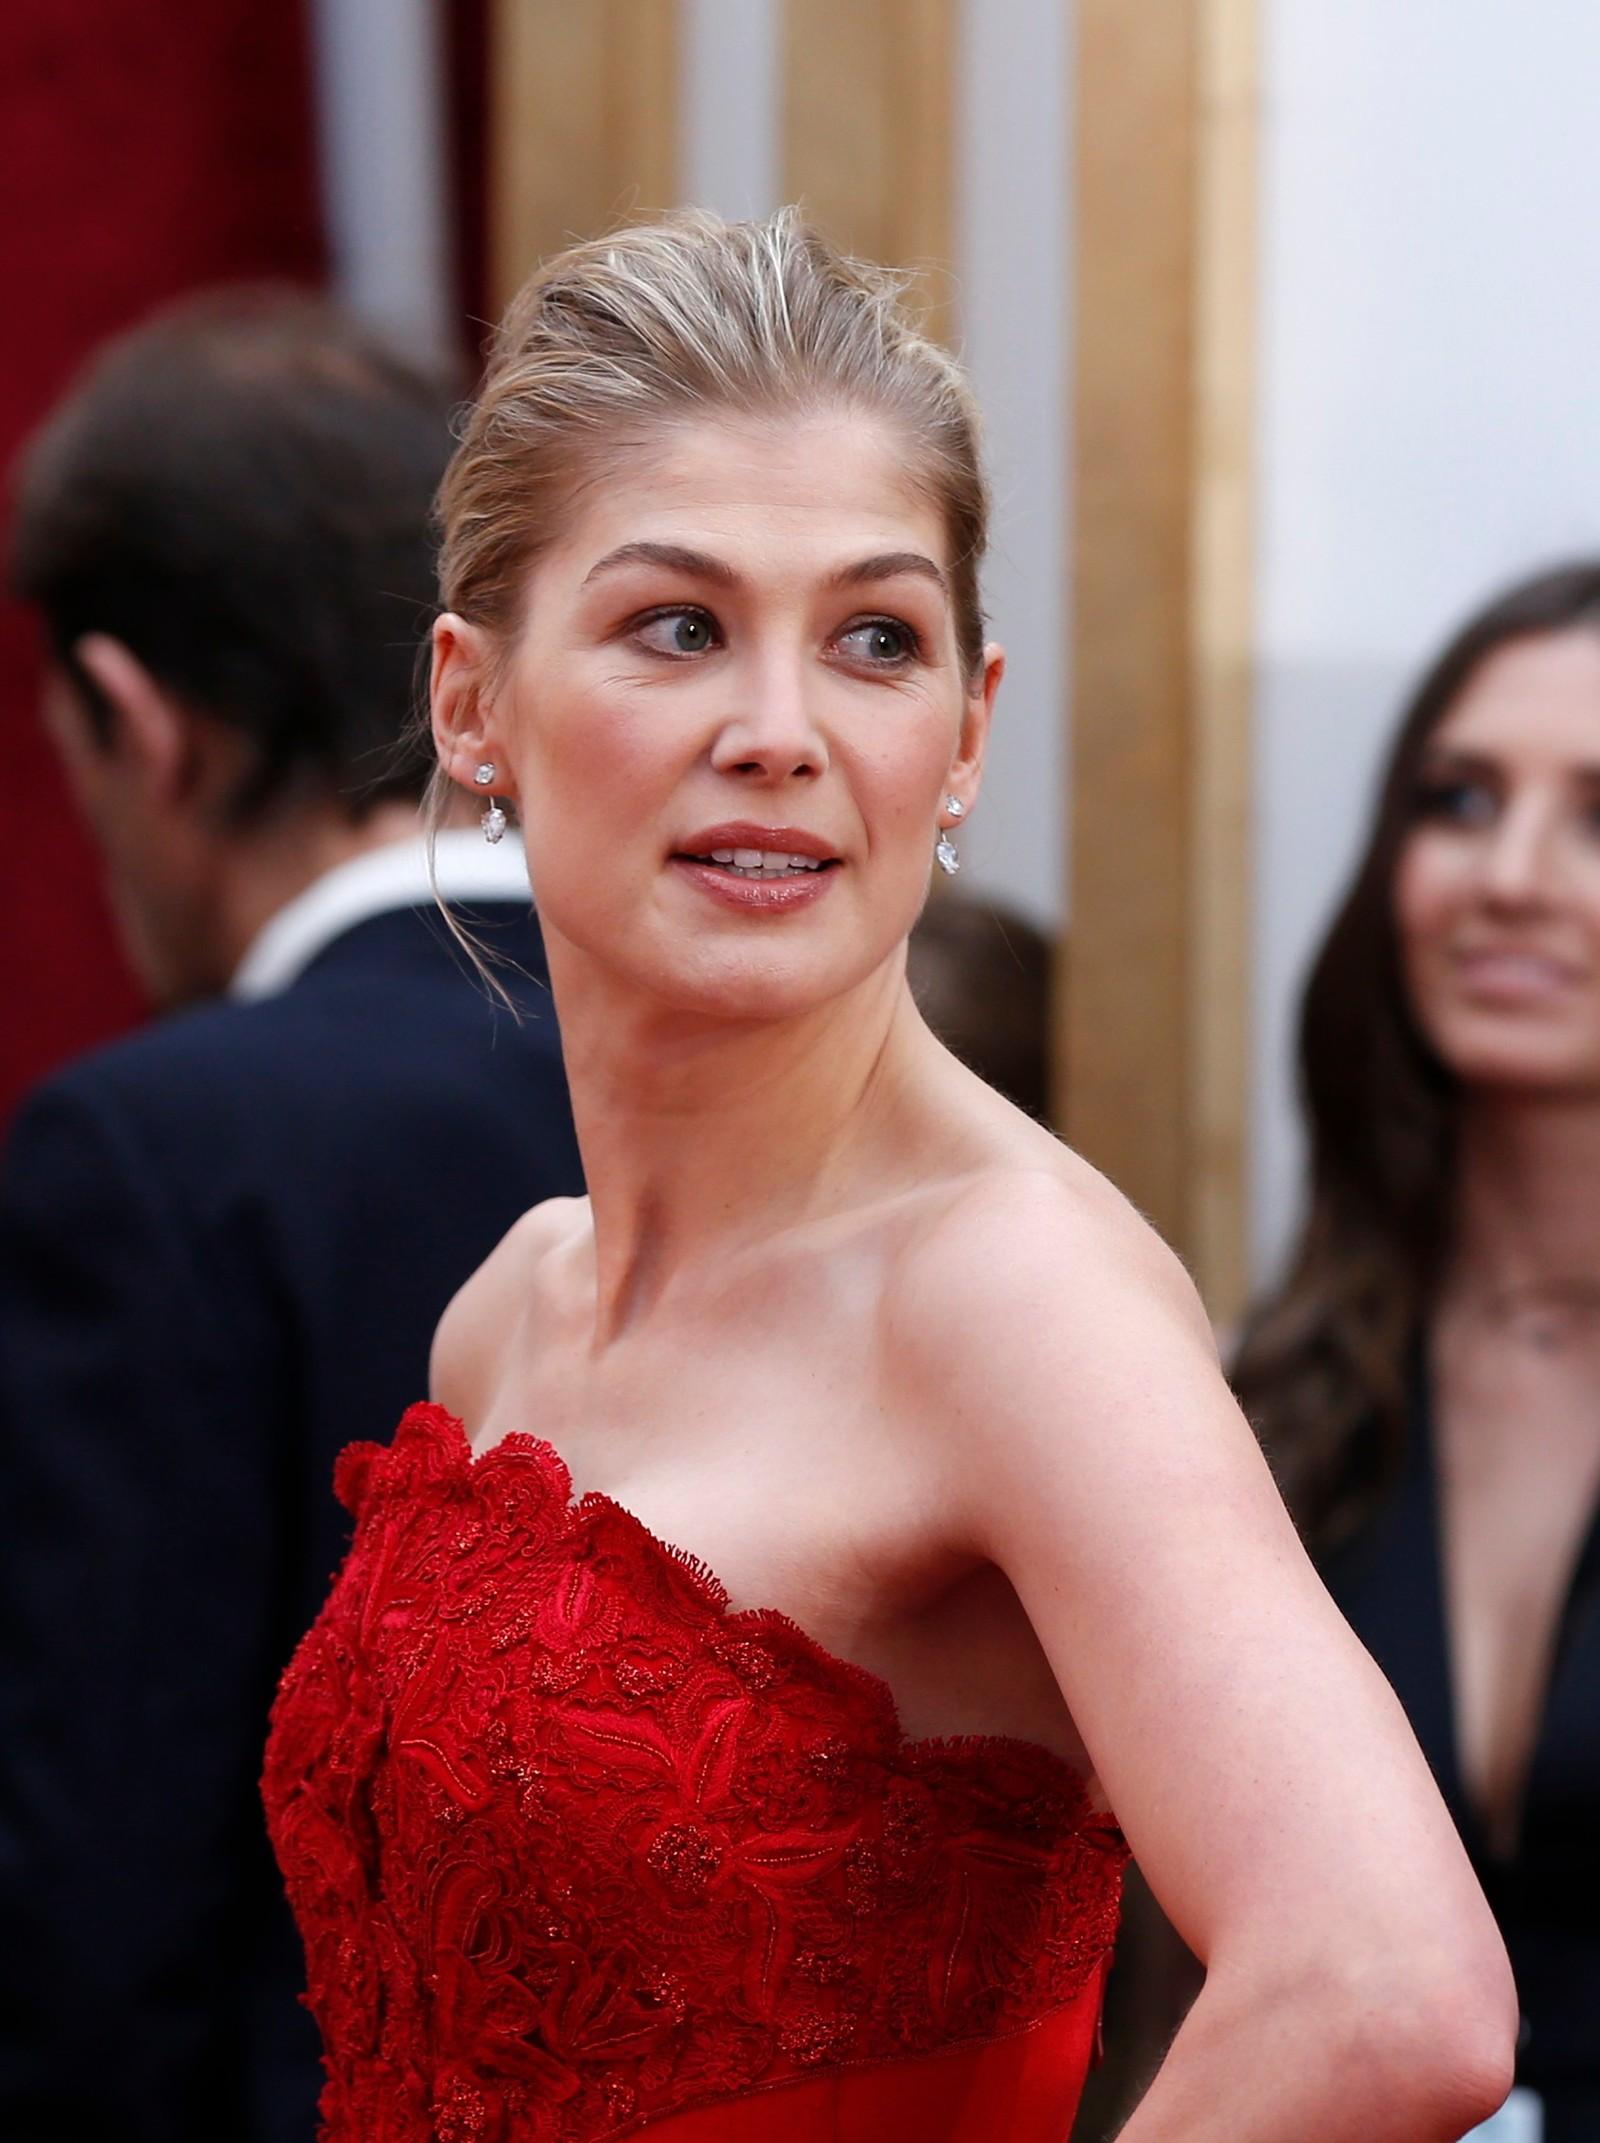 NUMMER TO: Kul og vakker på samme tid, mener NRKs ekspert om Rosamund Pikes kjole.